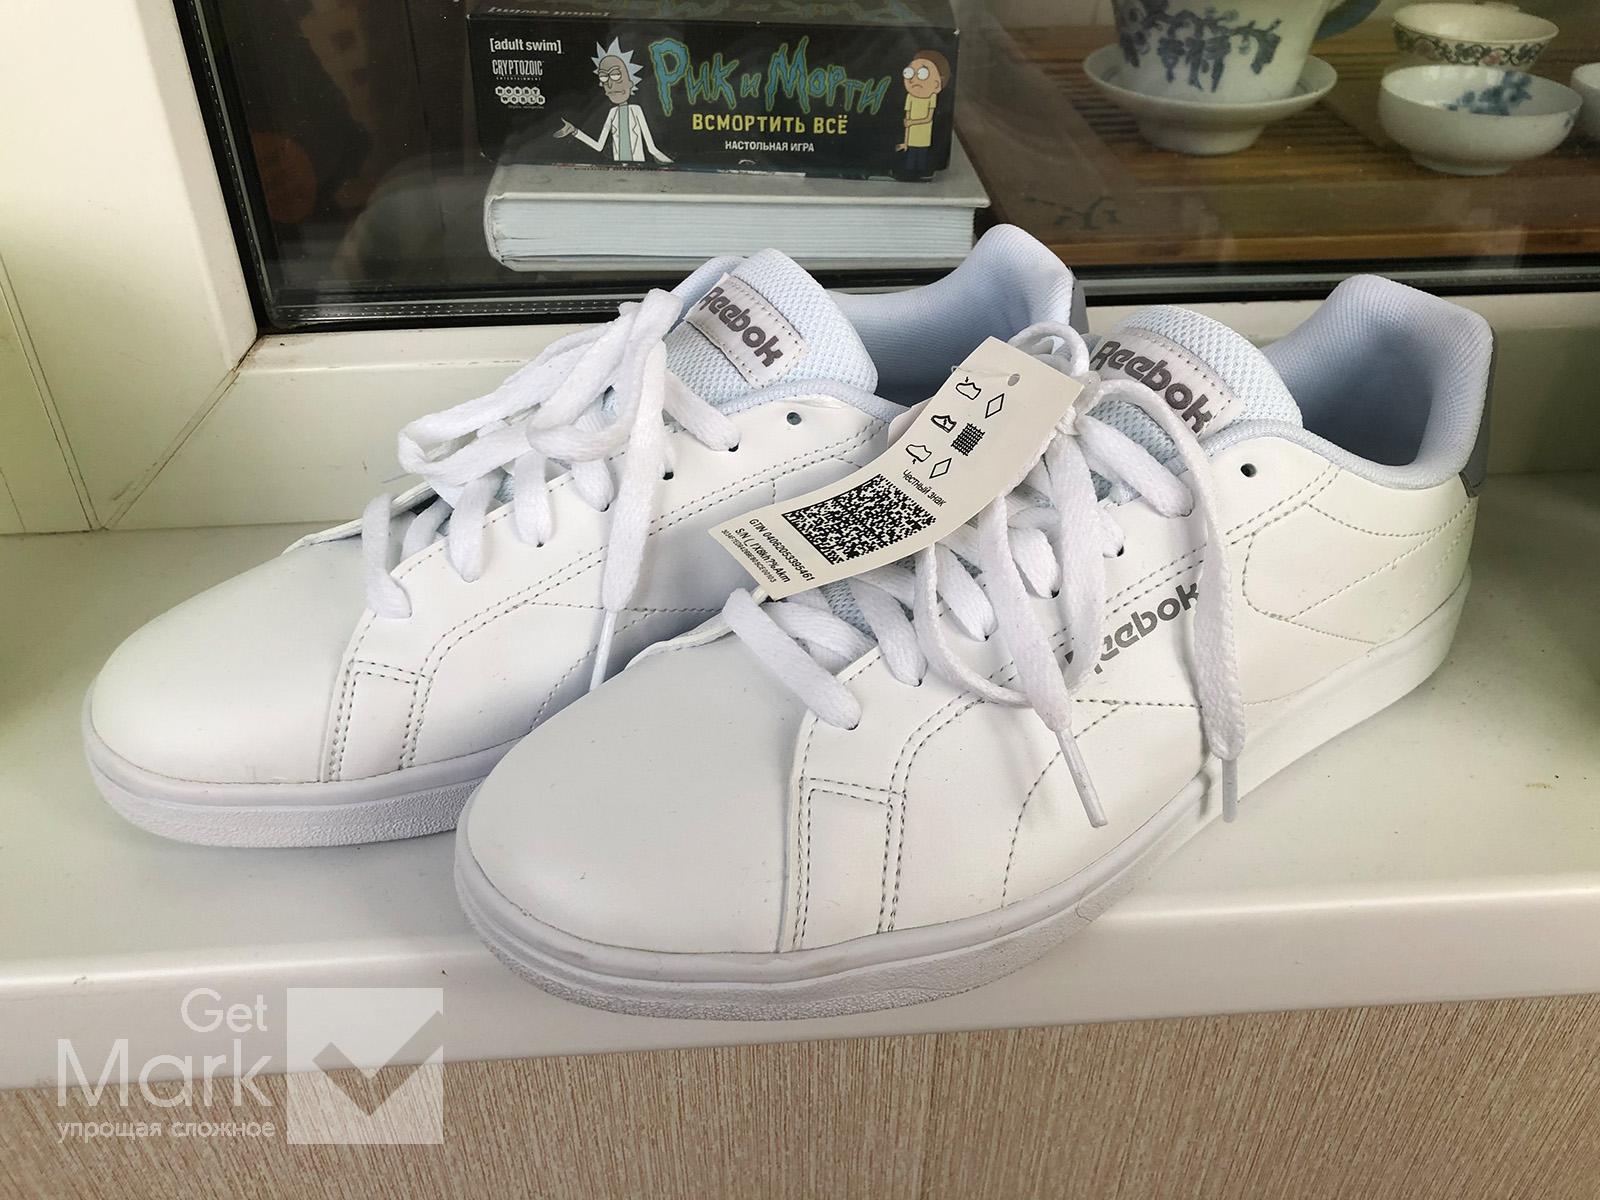 Обязательная маркировка товаров обувь